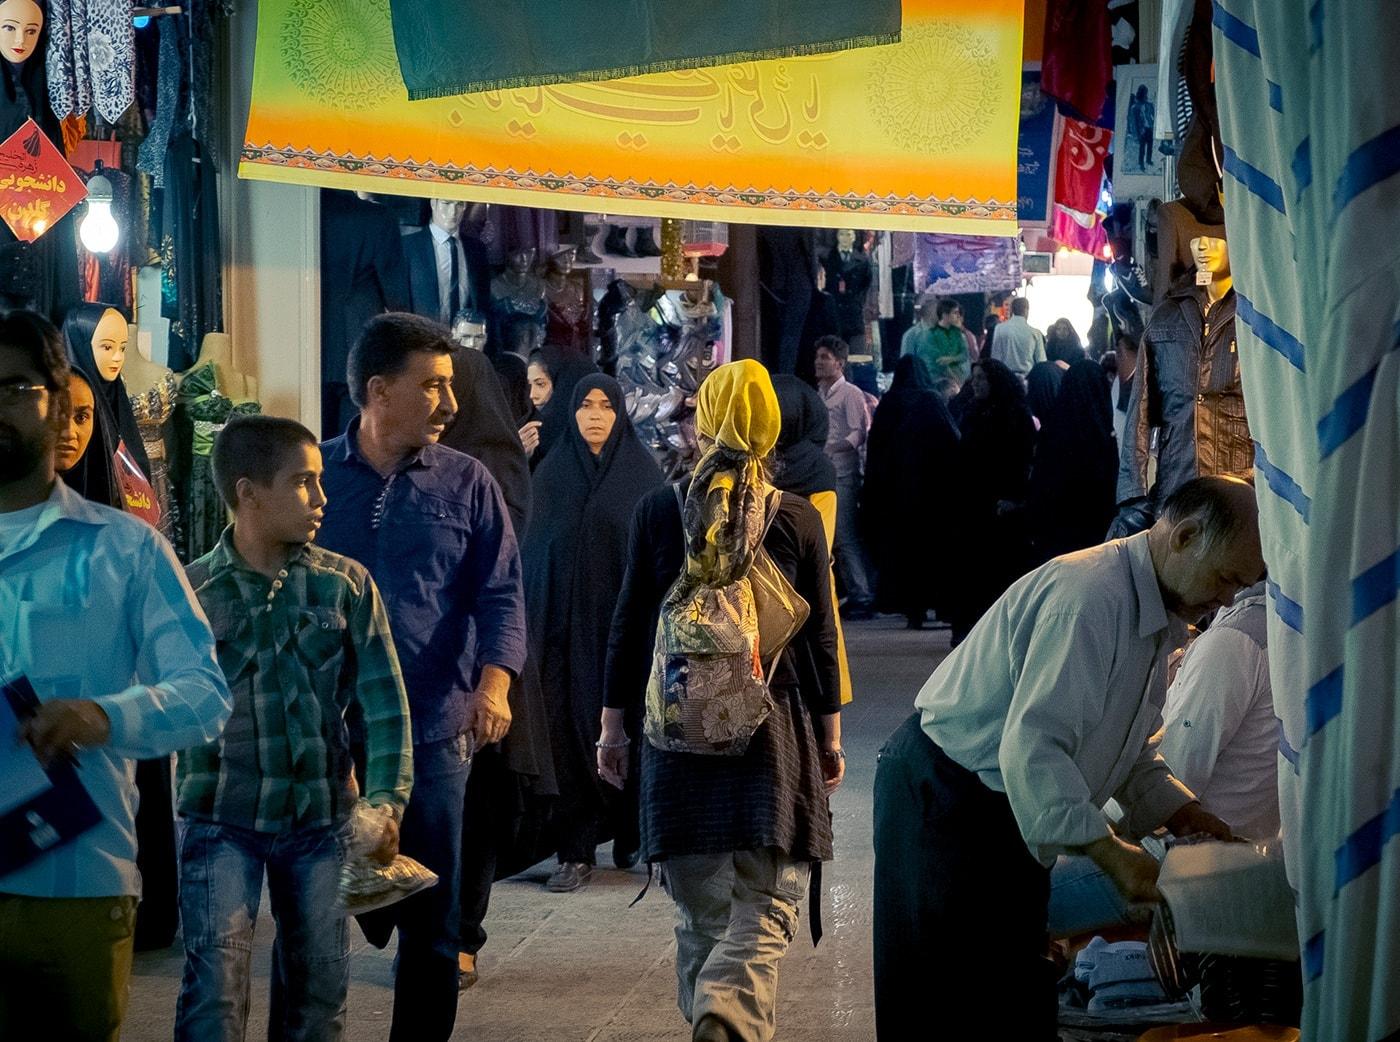 problemi in iran donna occidentale bazar